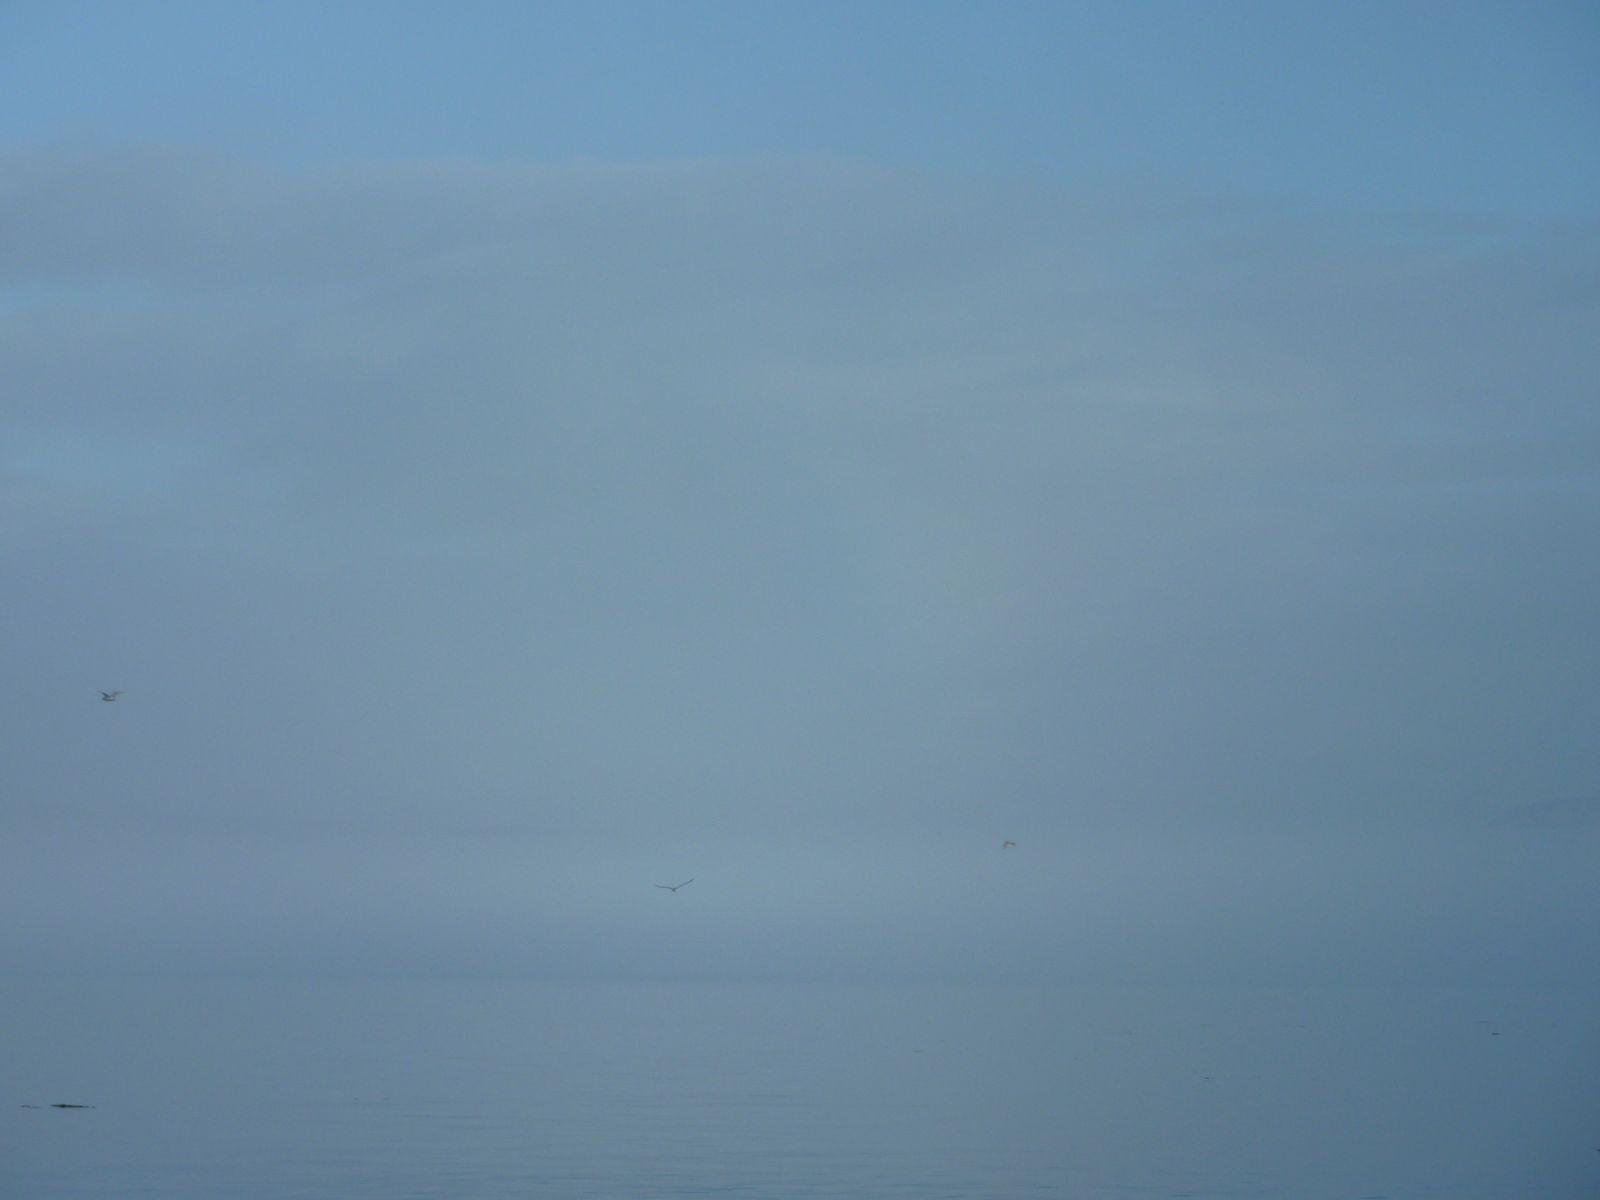 2010-08-25-1935_-_Måge; Tåge